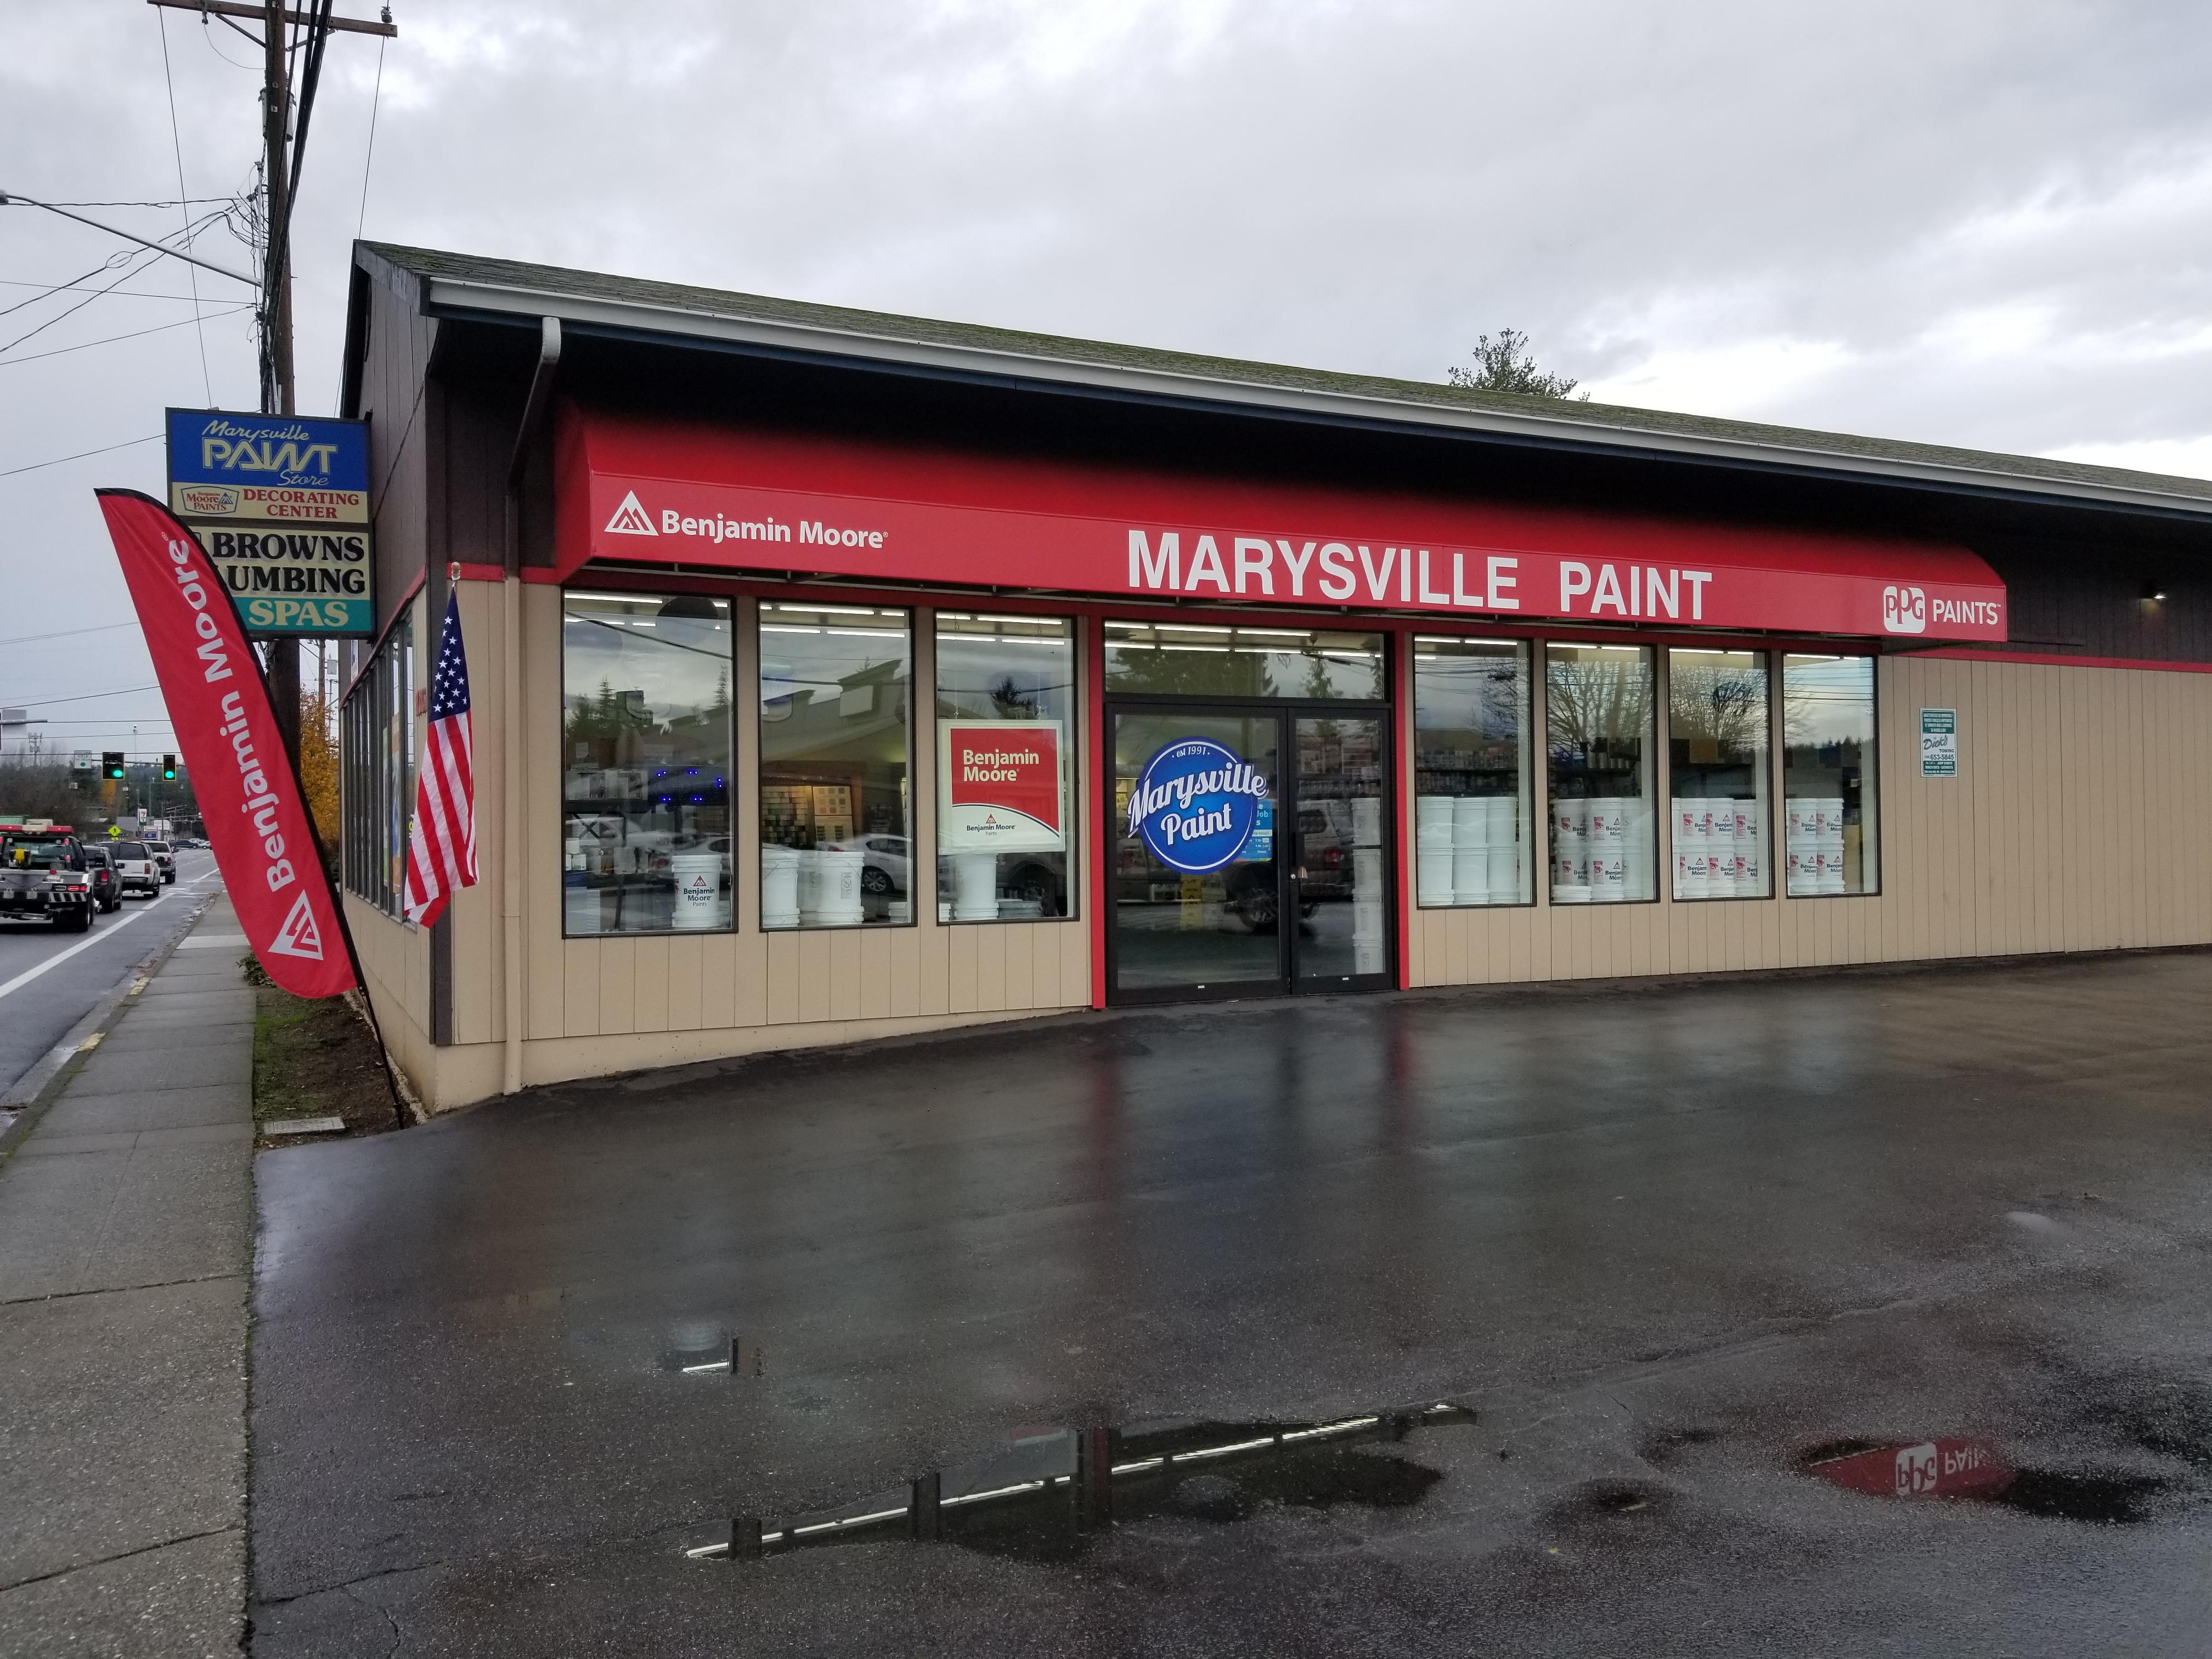 Marysville Paint